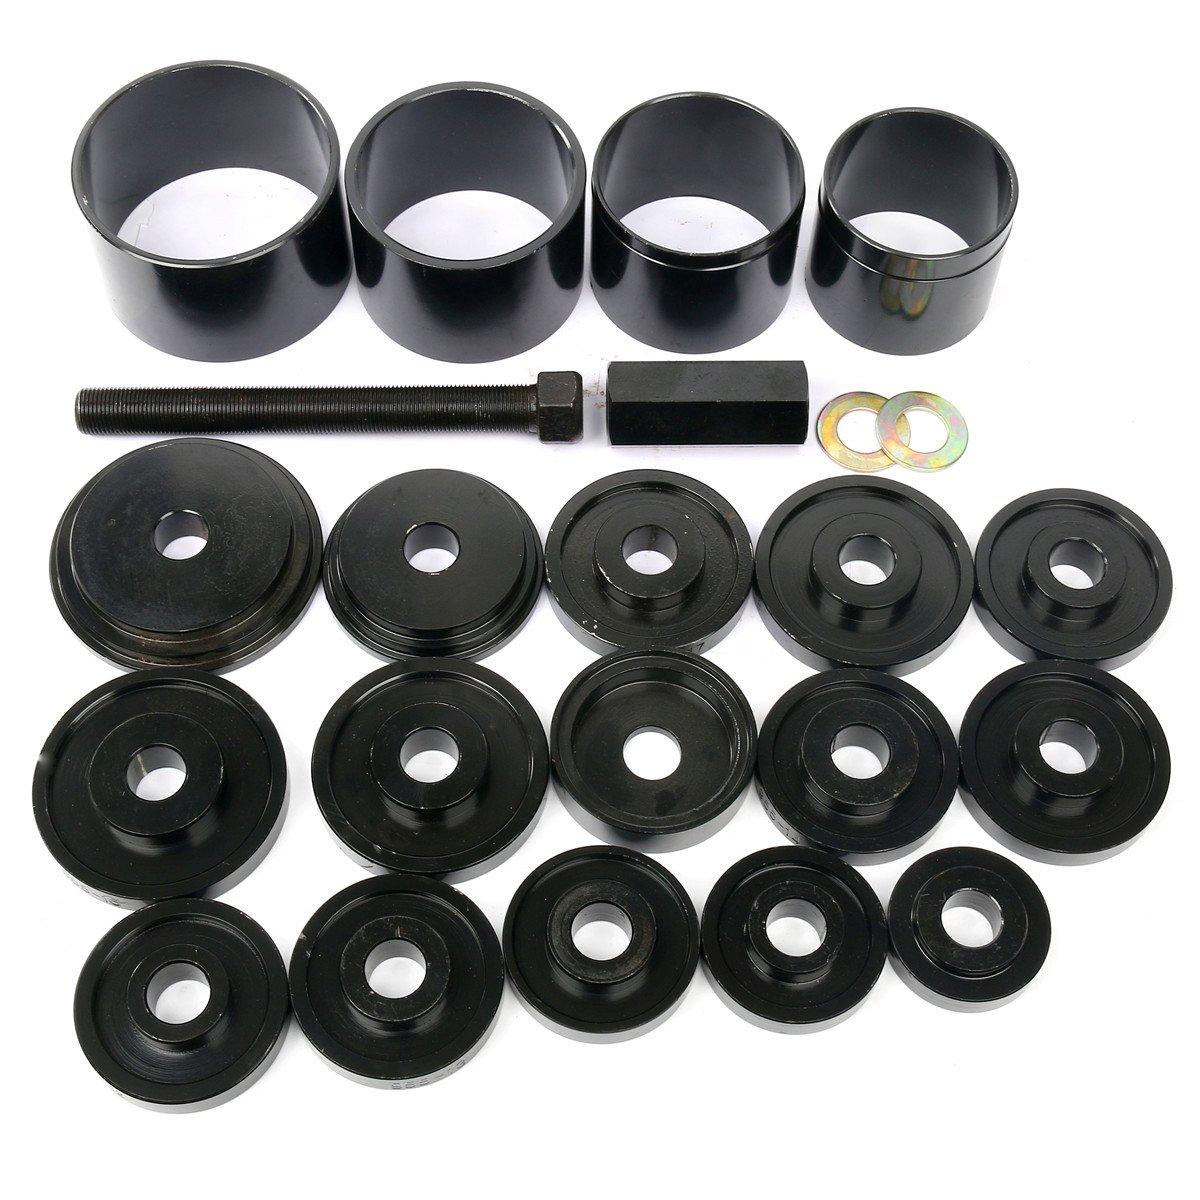 FreeTec Juego de herramientas de 23 piezas para el montaje y la extracci/ón de rodamientos incluye estuche de transporte